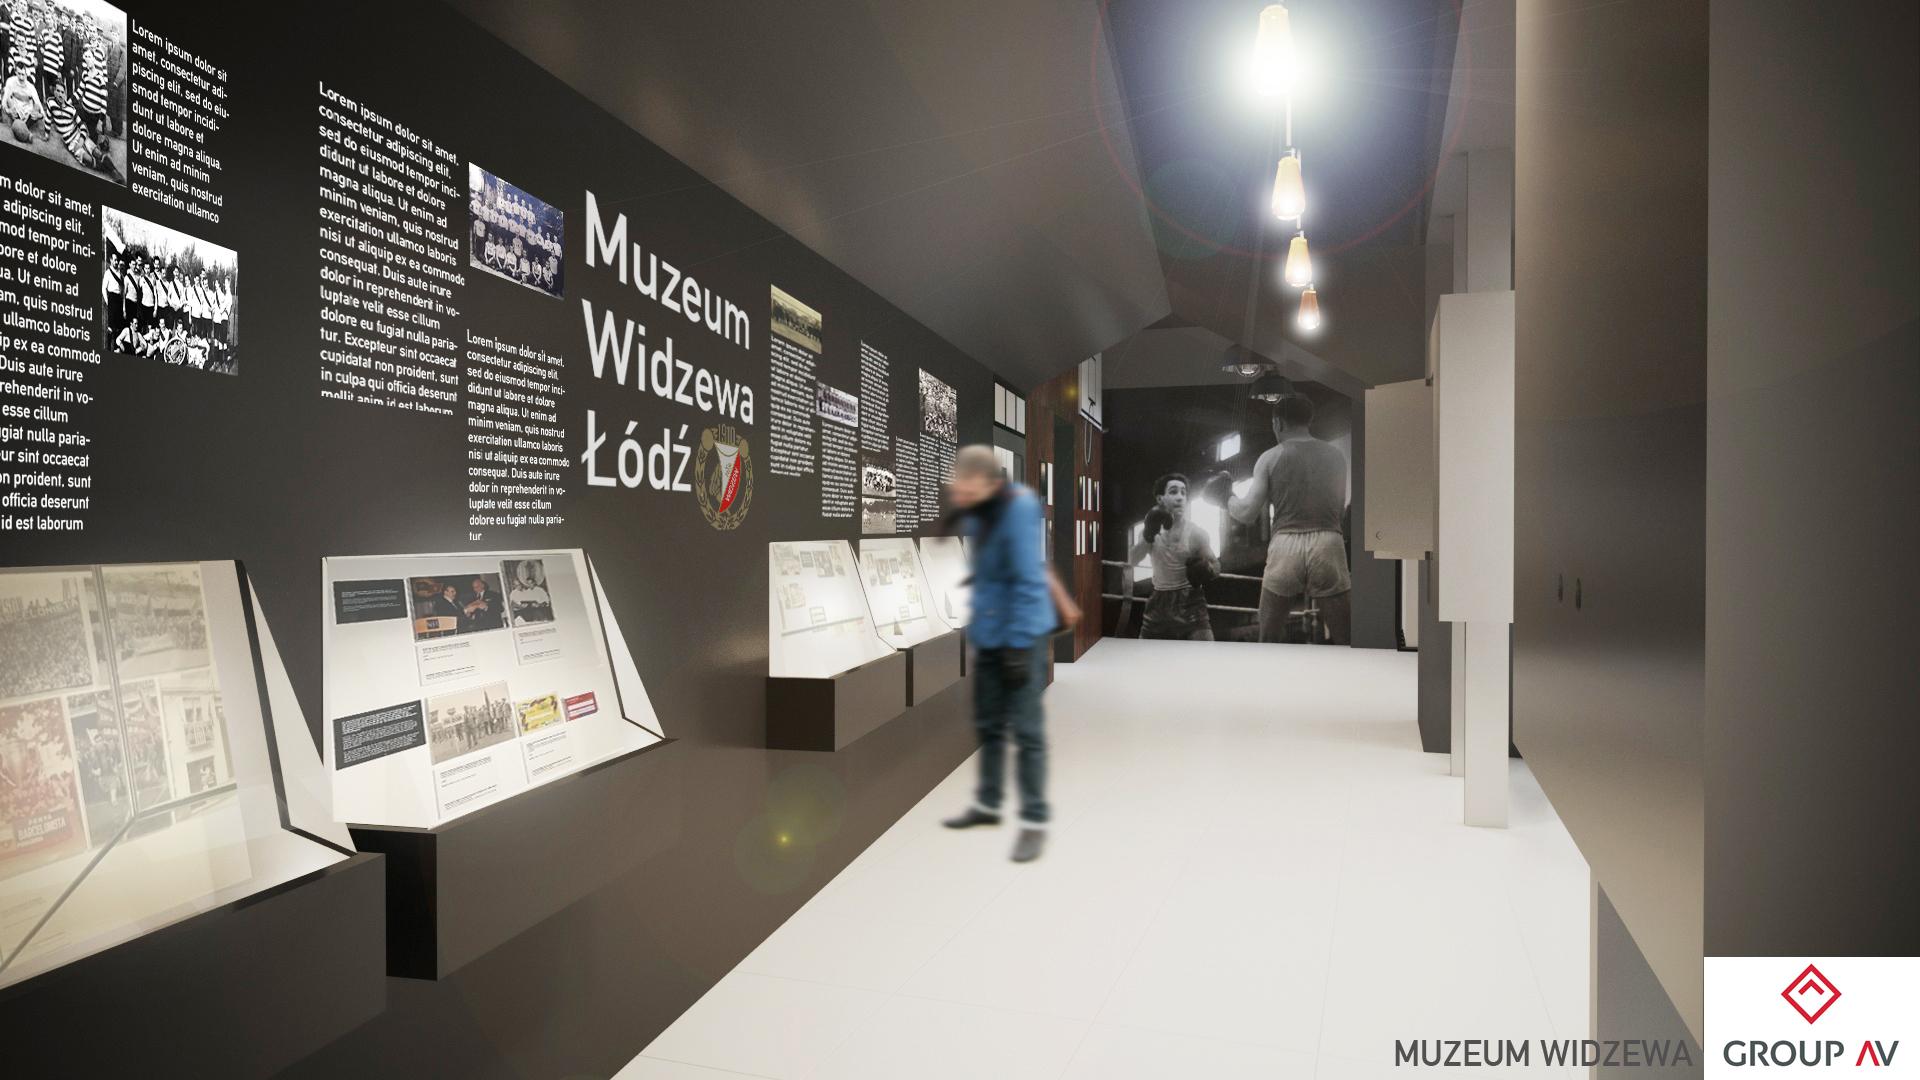 Podpisanie umowy na realizację Muzeum Widzewa w Łodzi